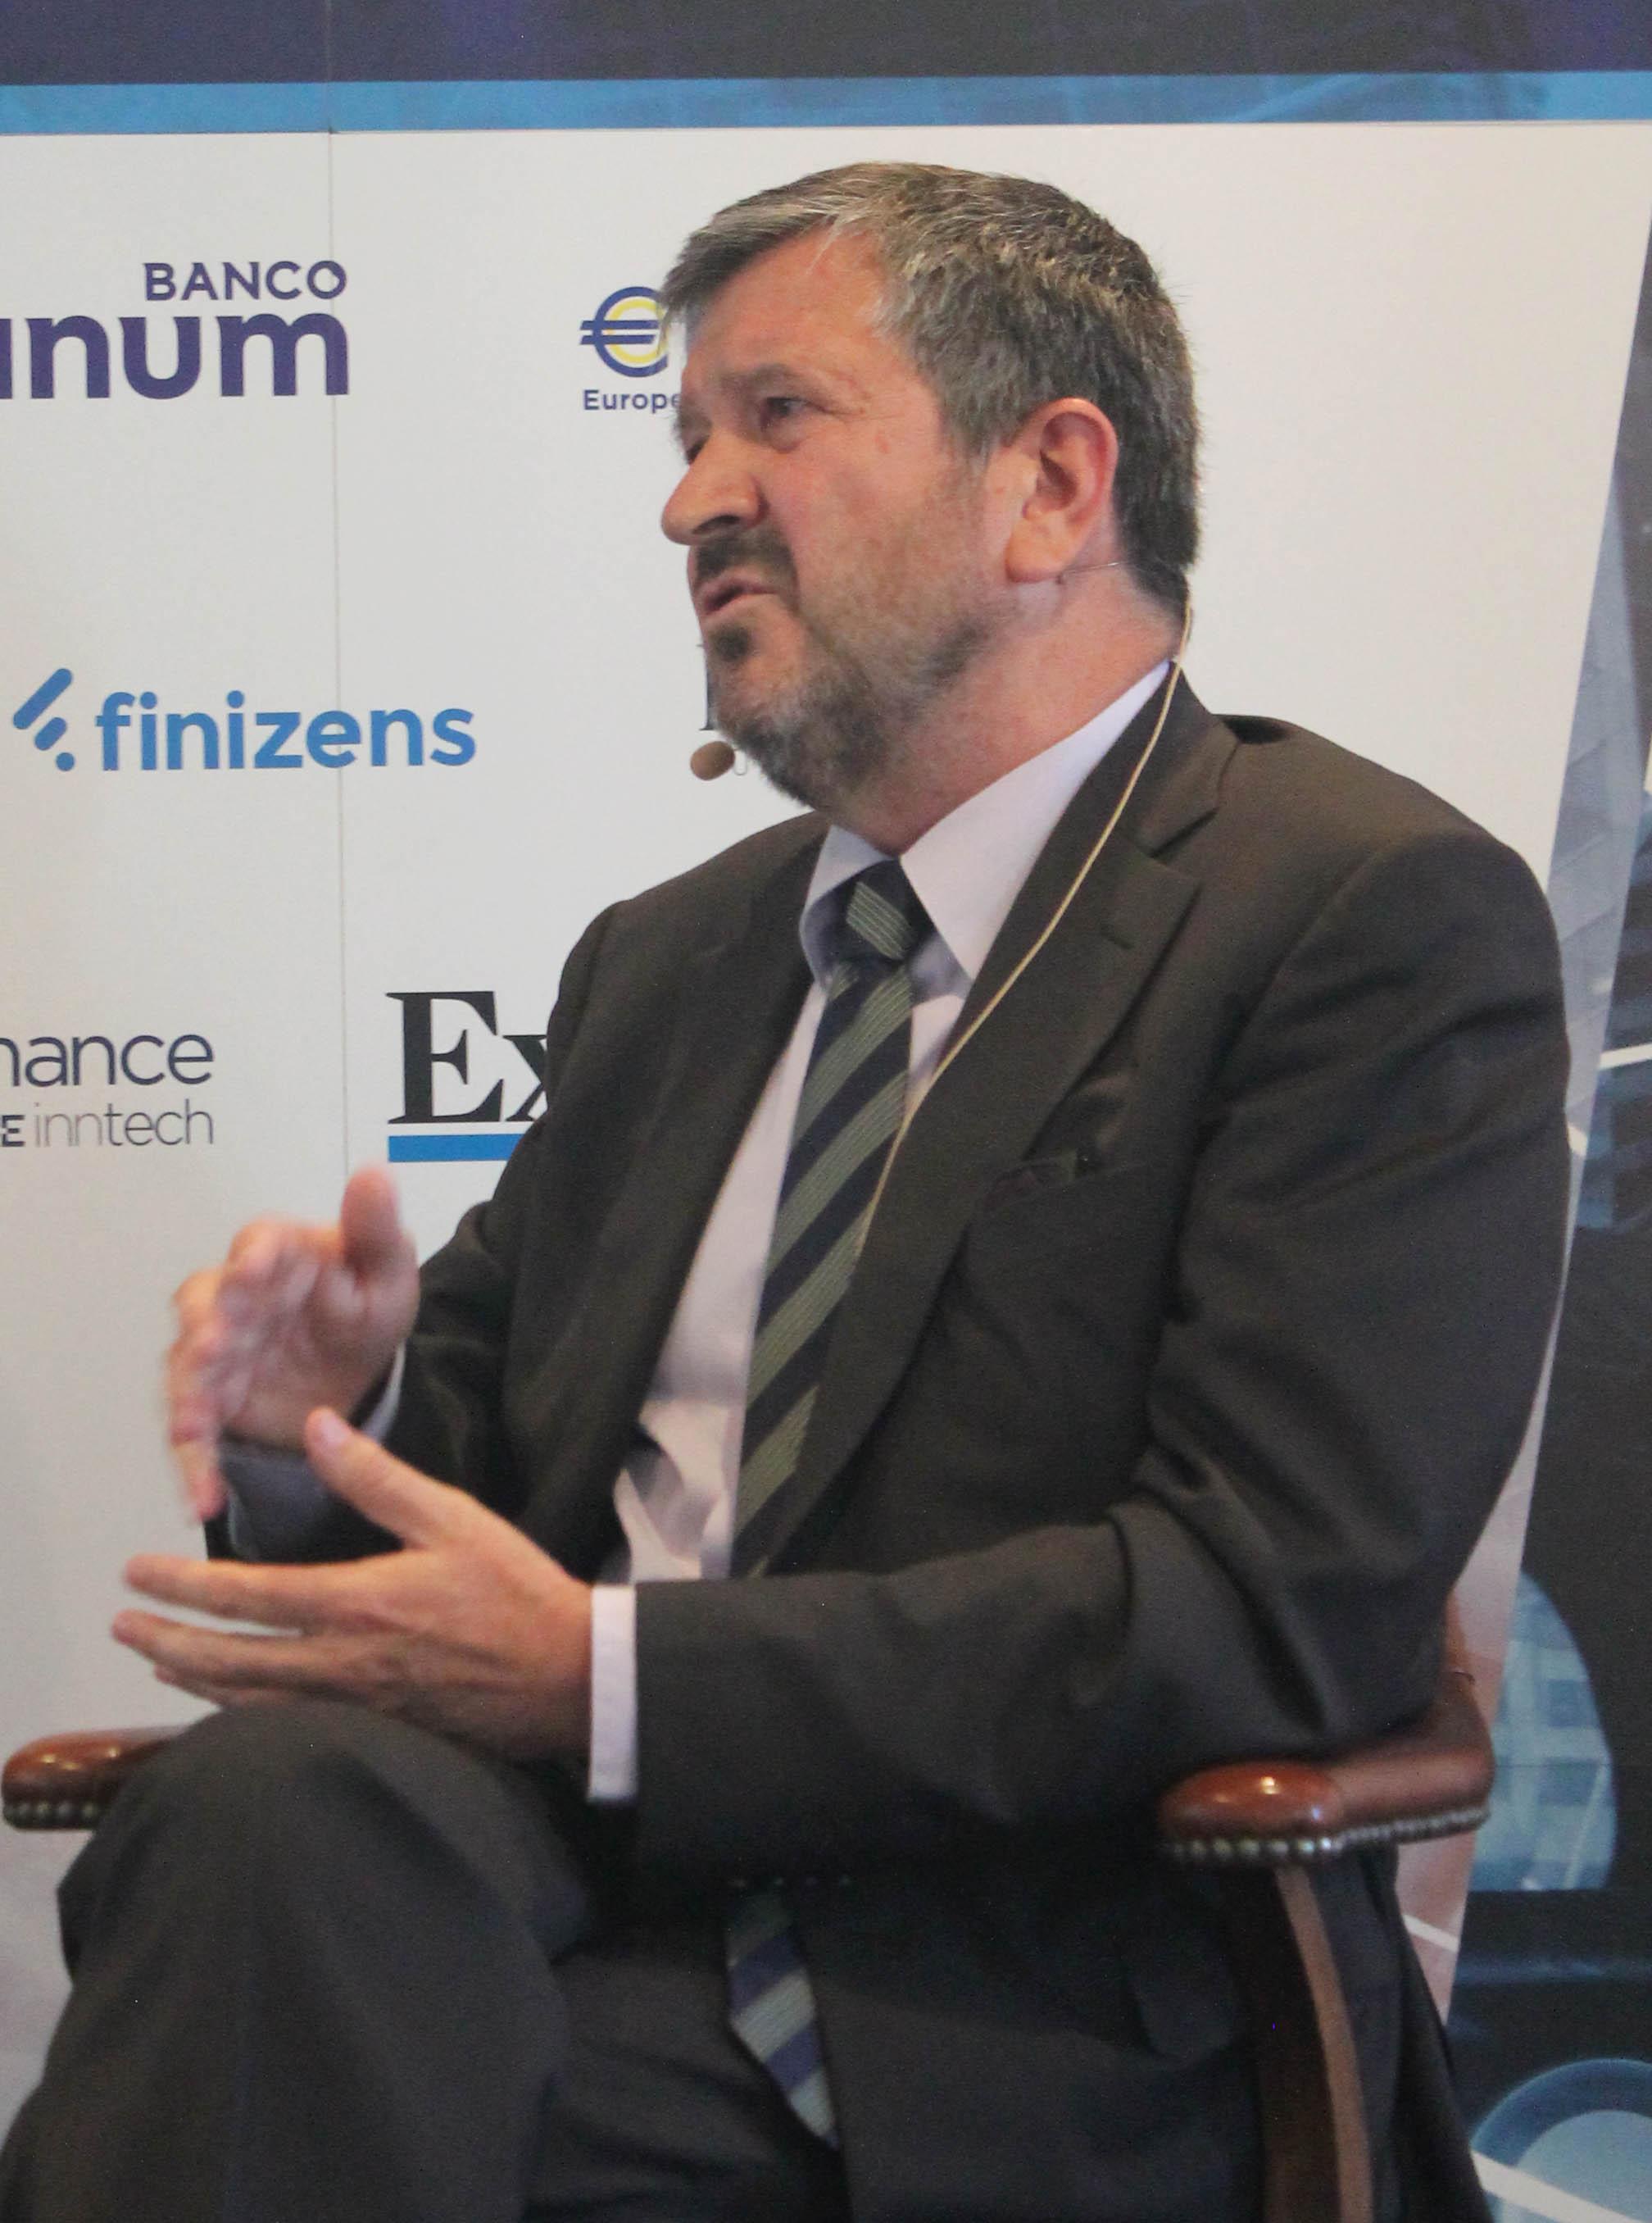 Fernando Zunzunegui en Encuentro Asesores Financieros 2 MiFID II: de vender a prestar servicios en interés de cliente